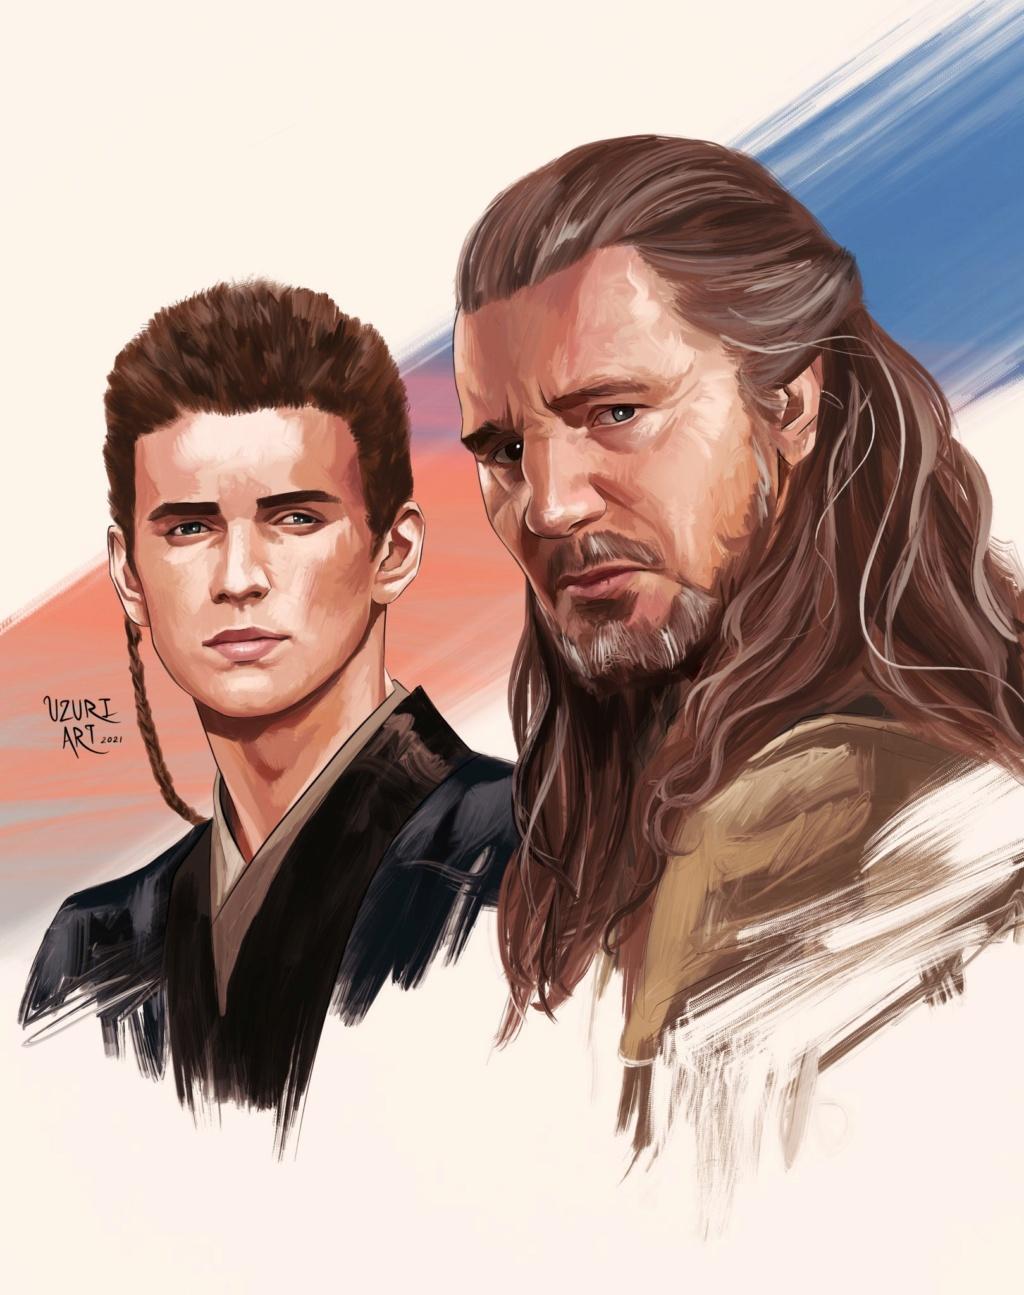 Digital Art par UZURI ART - Star Wars - Page 3 Uzuri_87